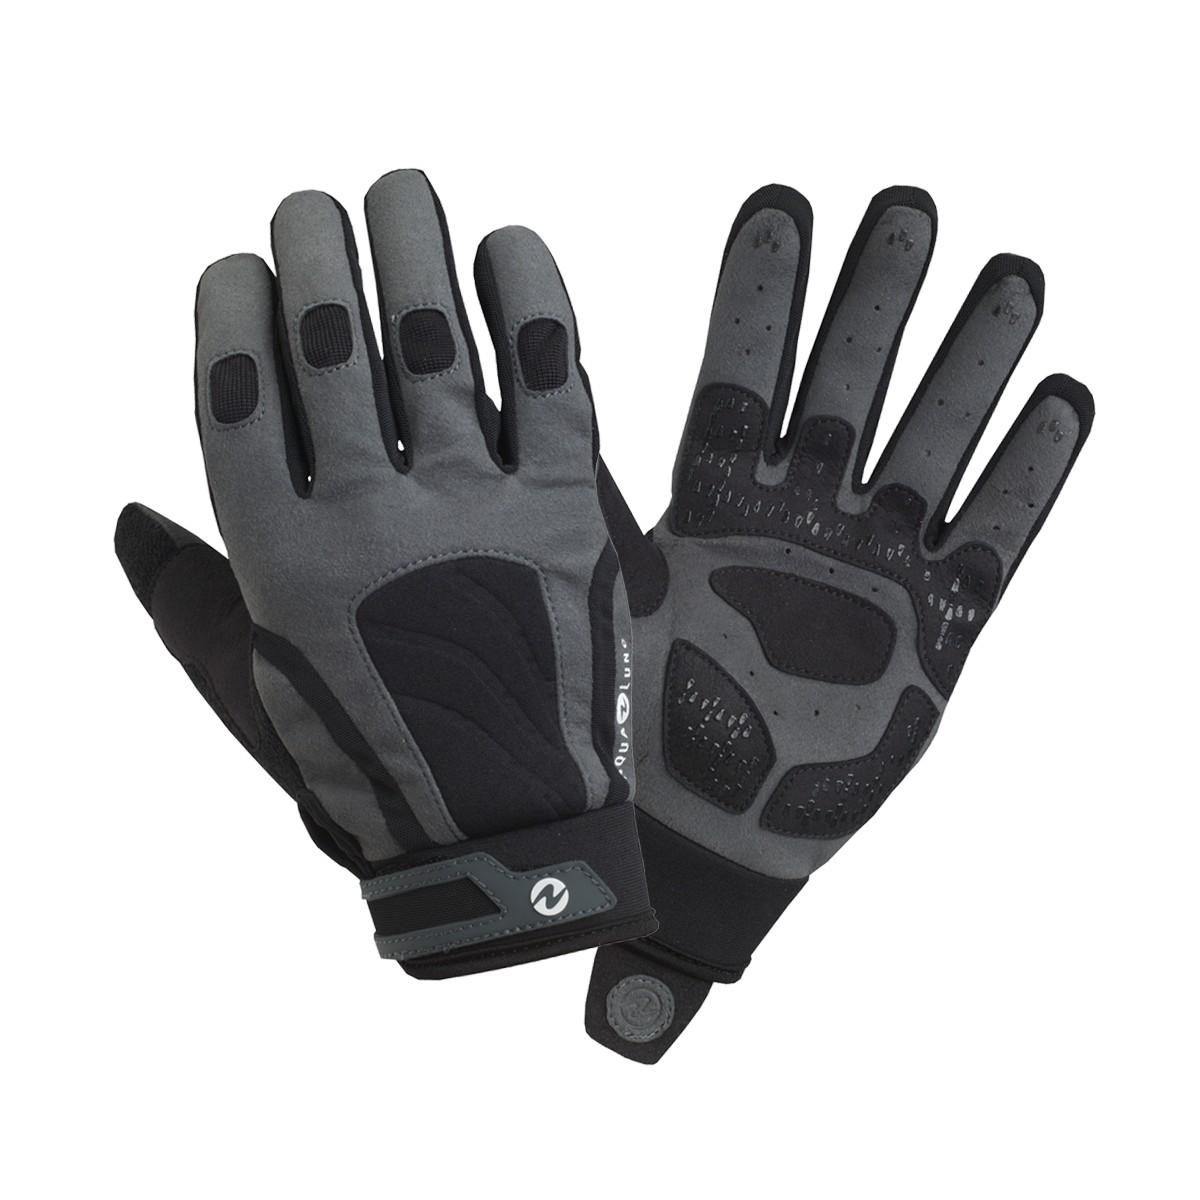 Aqua Lung 2mm Tropics Glove